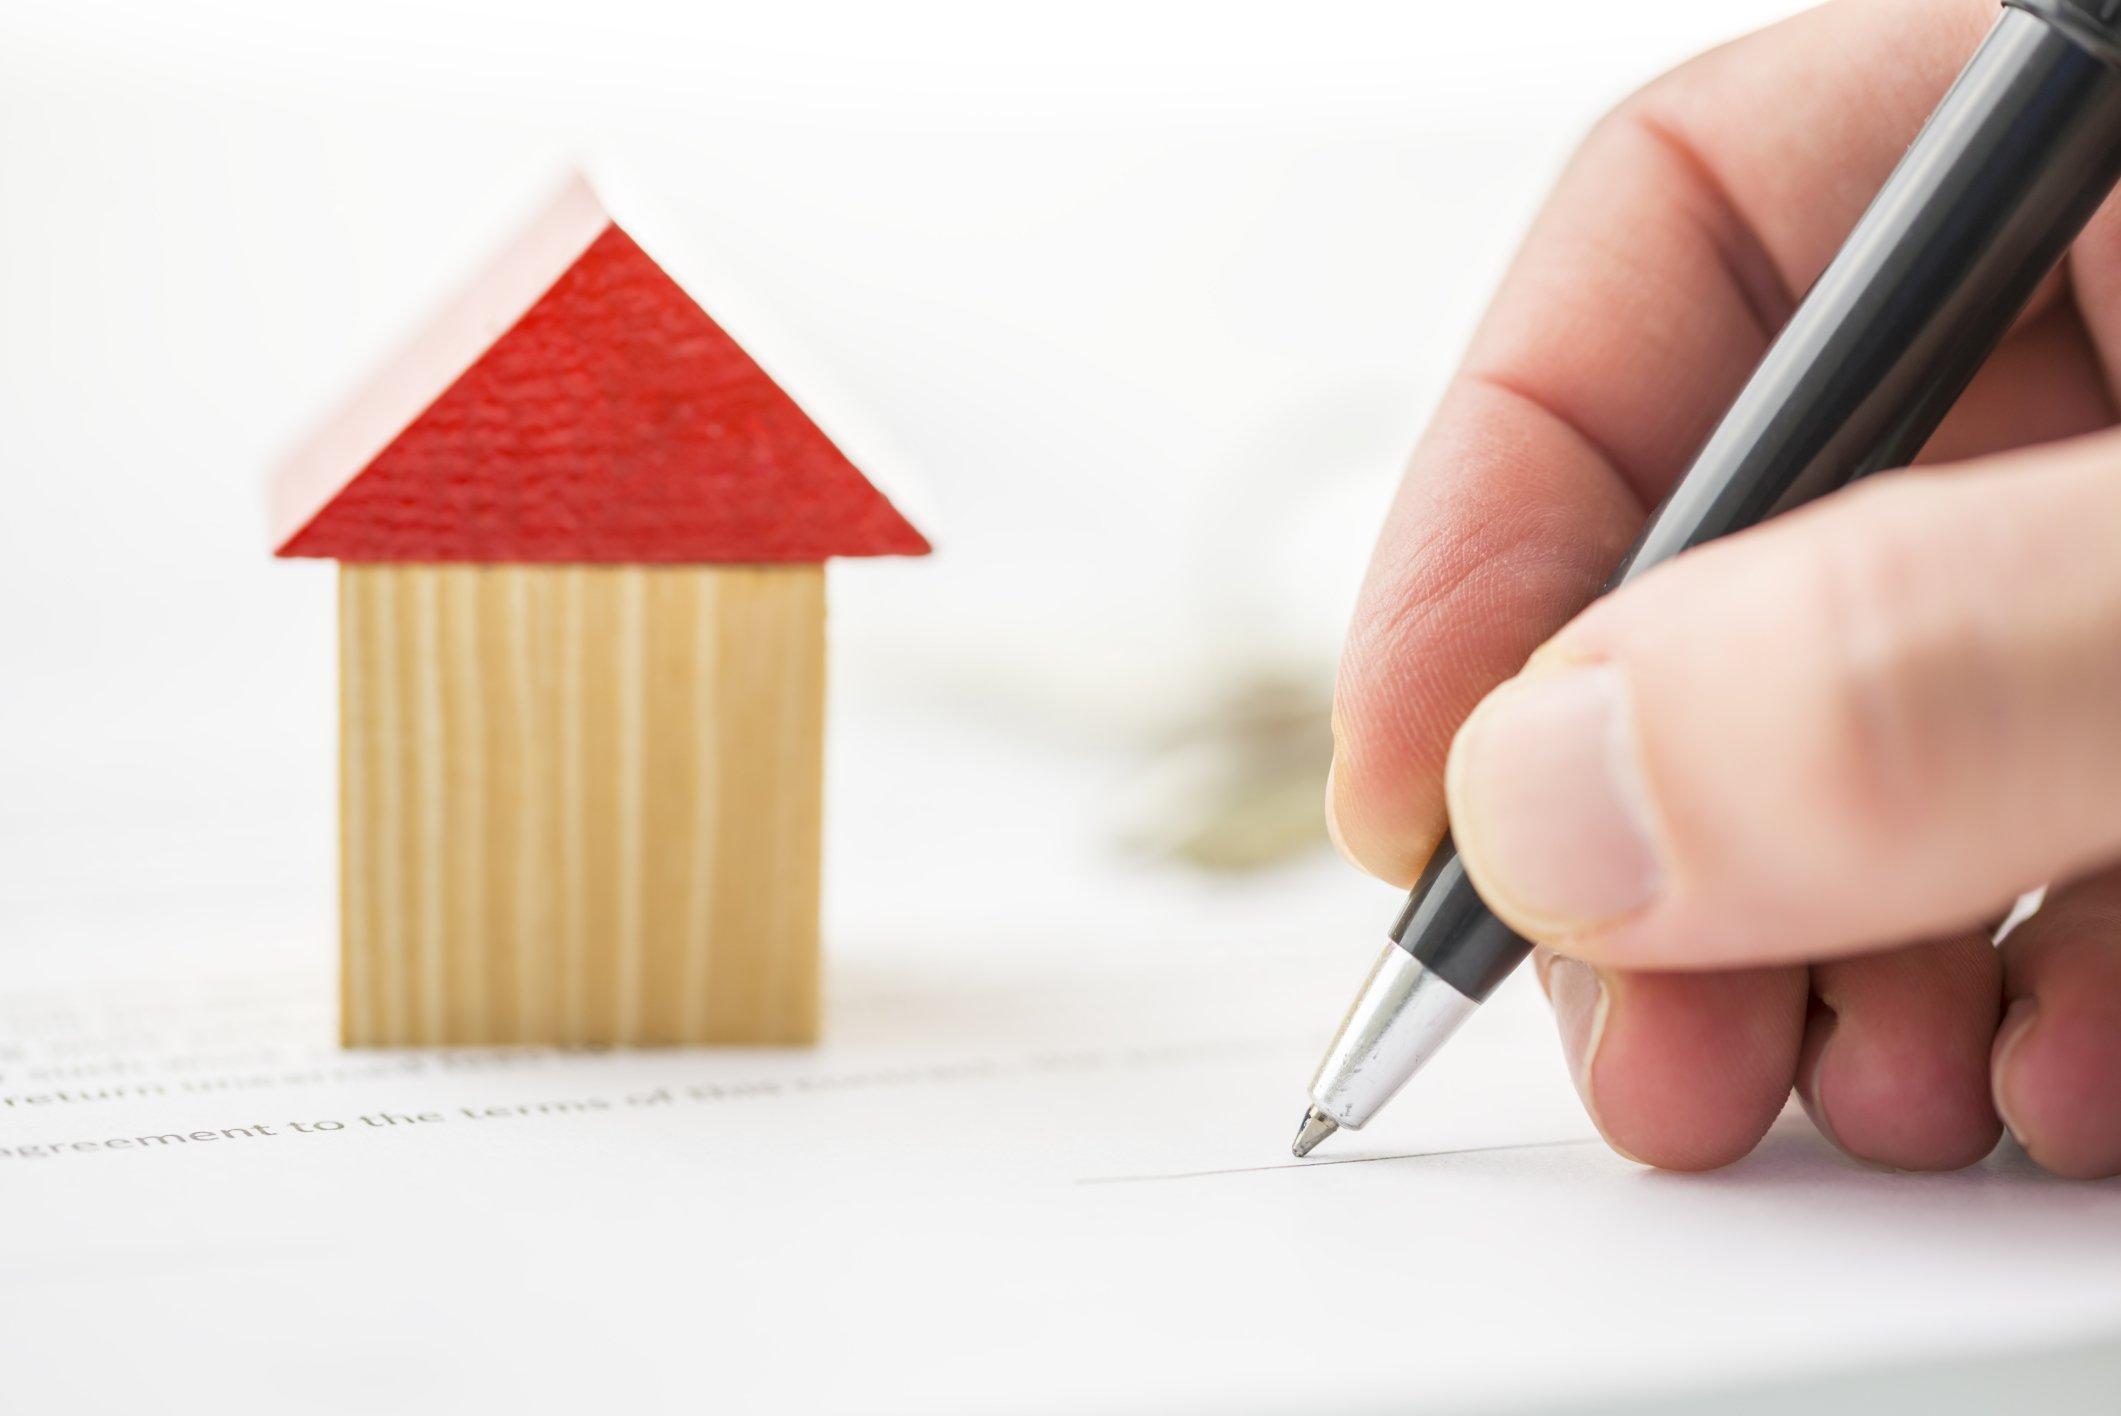 Thủ tục mua bán nhà đất đã có sổ hồng được thực hiện như thế nào?